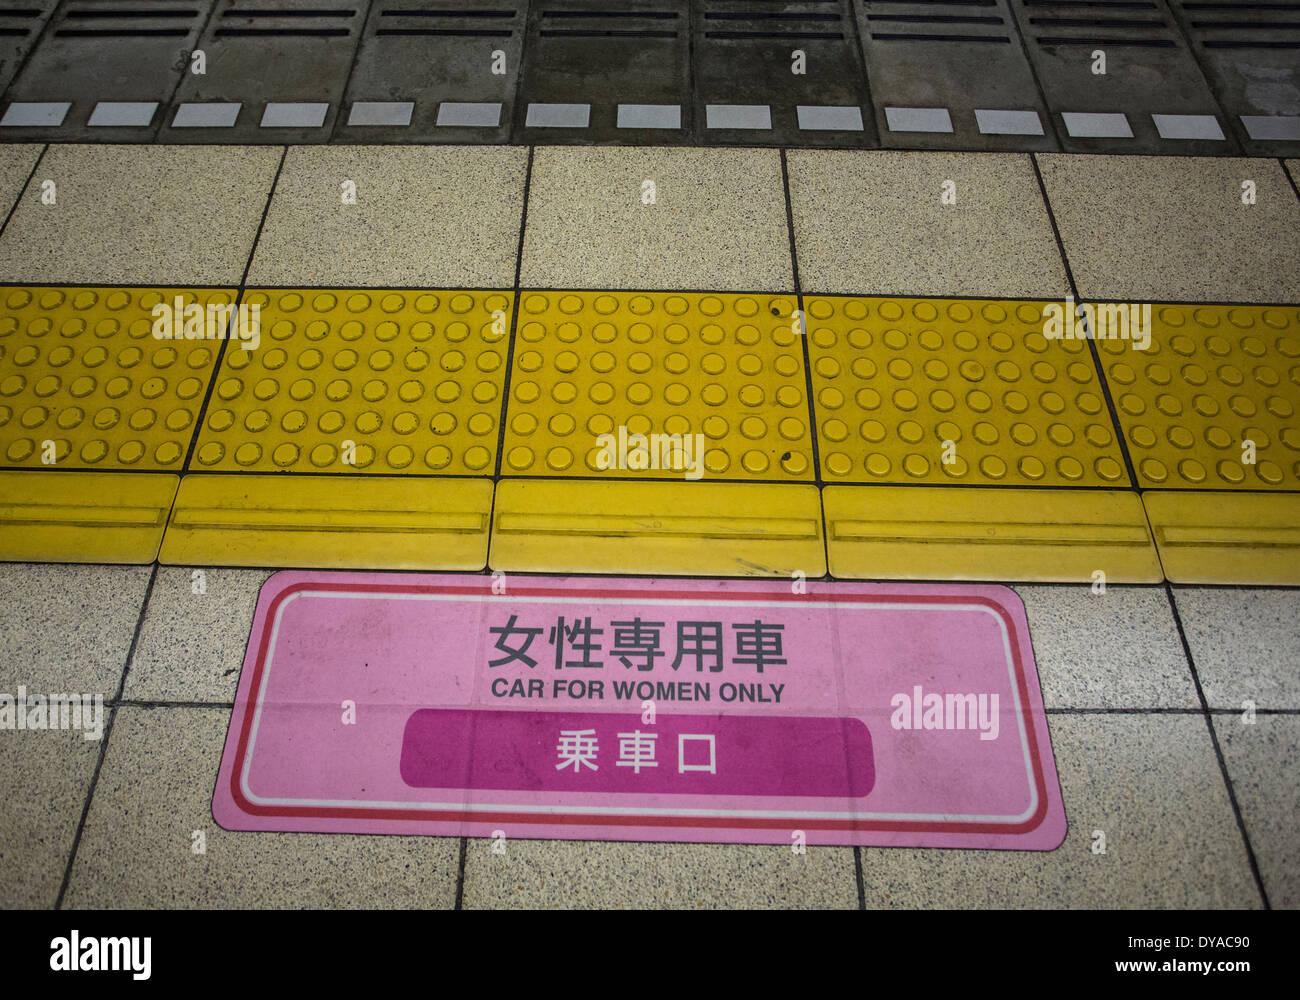 Asien, Japan, Tokyo, Blind, nur, Plattform, Regel, Schilder, Station, Frauen nur, Stockbild